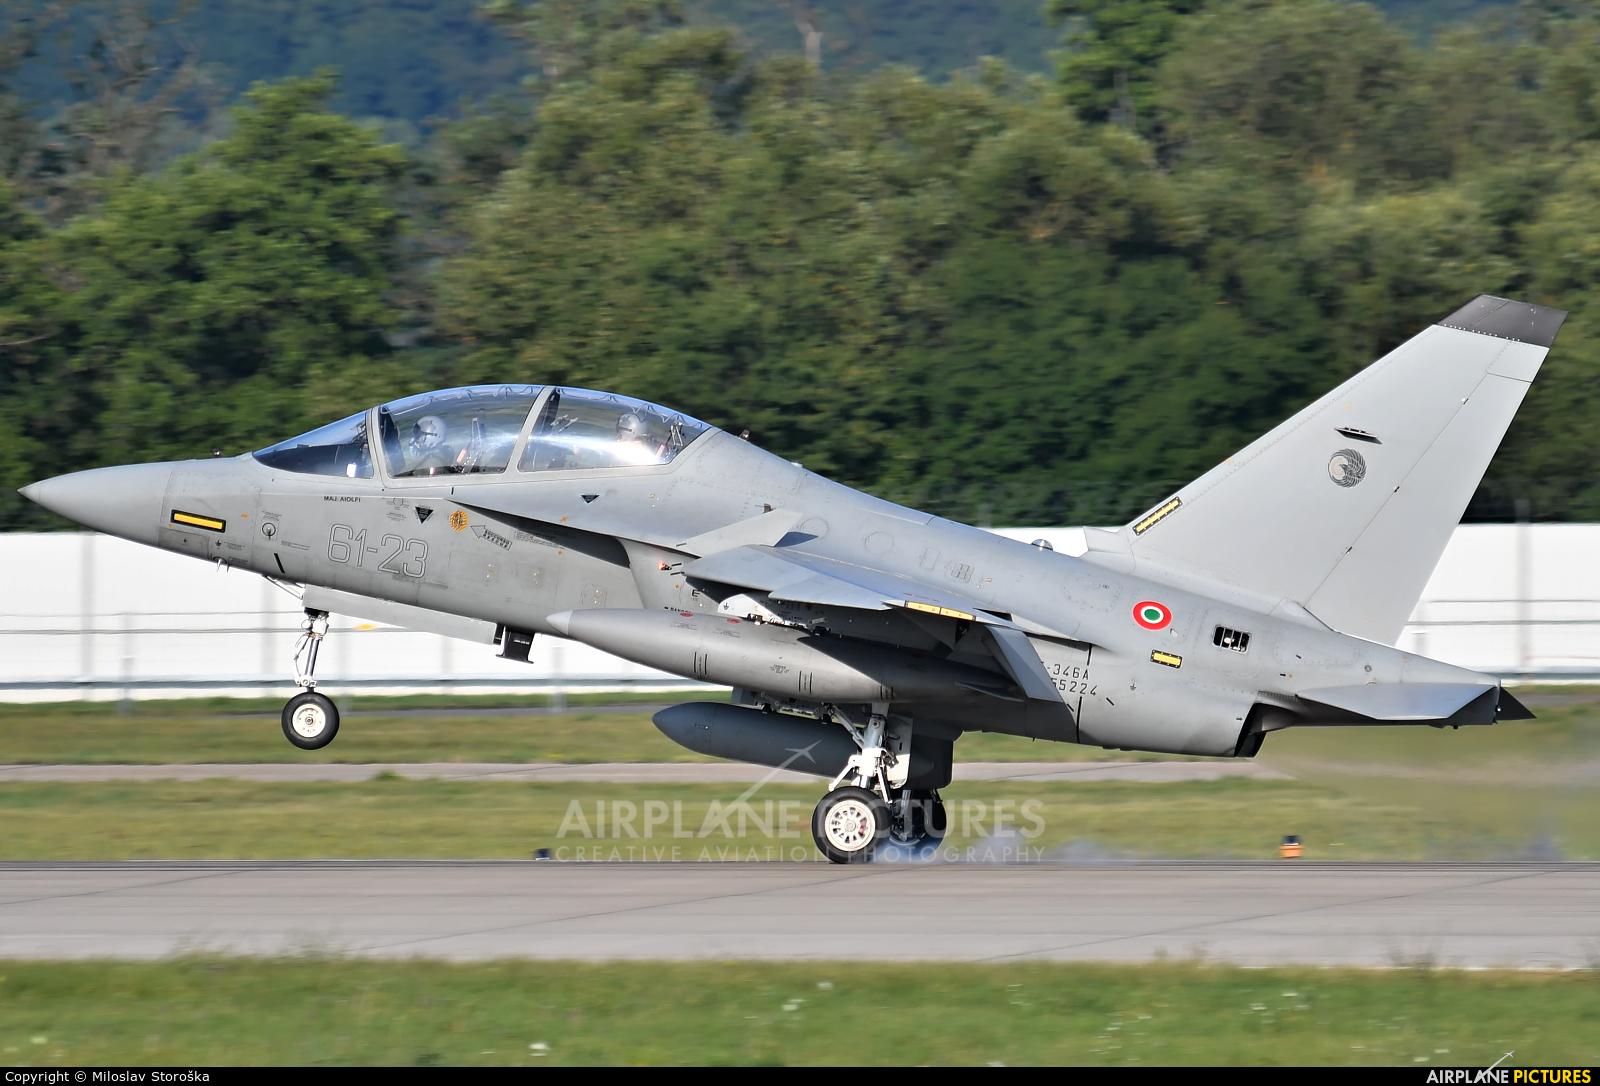 Italy - Air Force MM55224 aircraft at Sliač